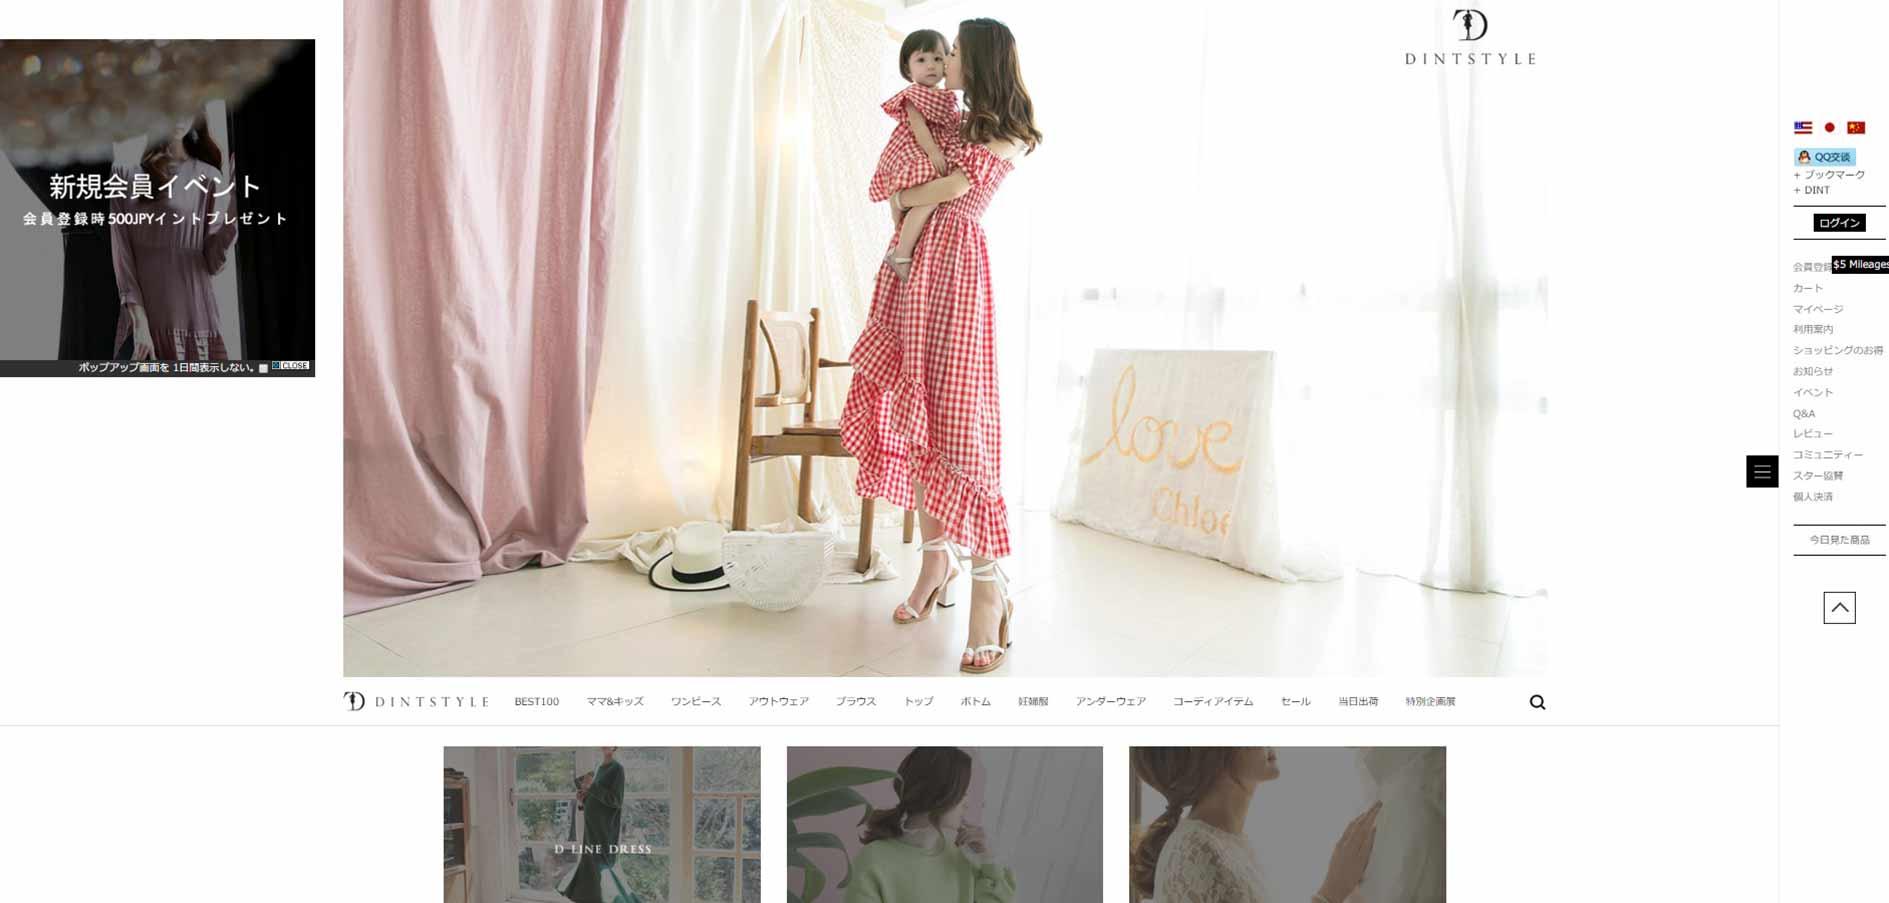 品質とデザインでおすすめな韓国ファッション通販サイトのDINTSTYLE(ディントスタイル)